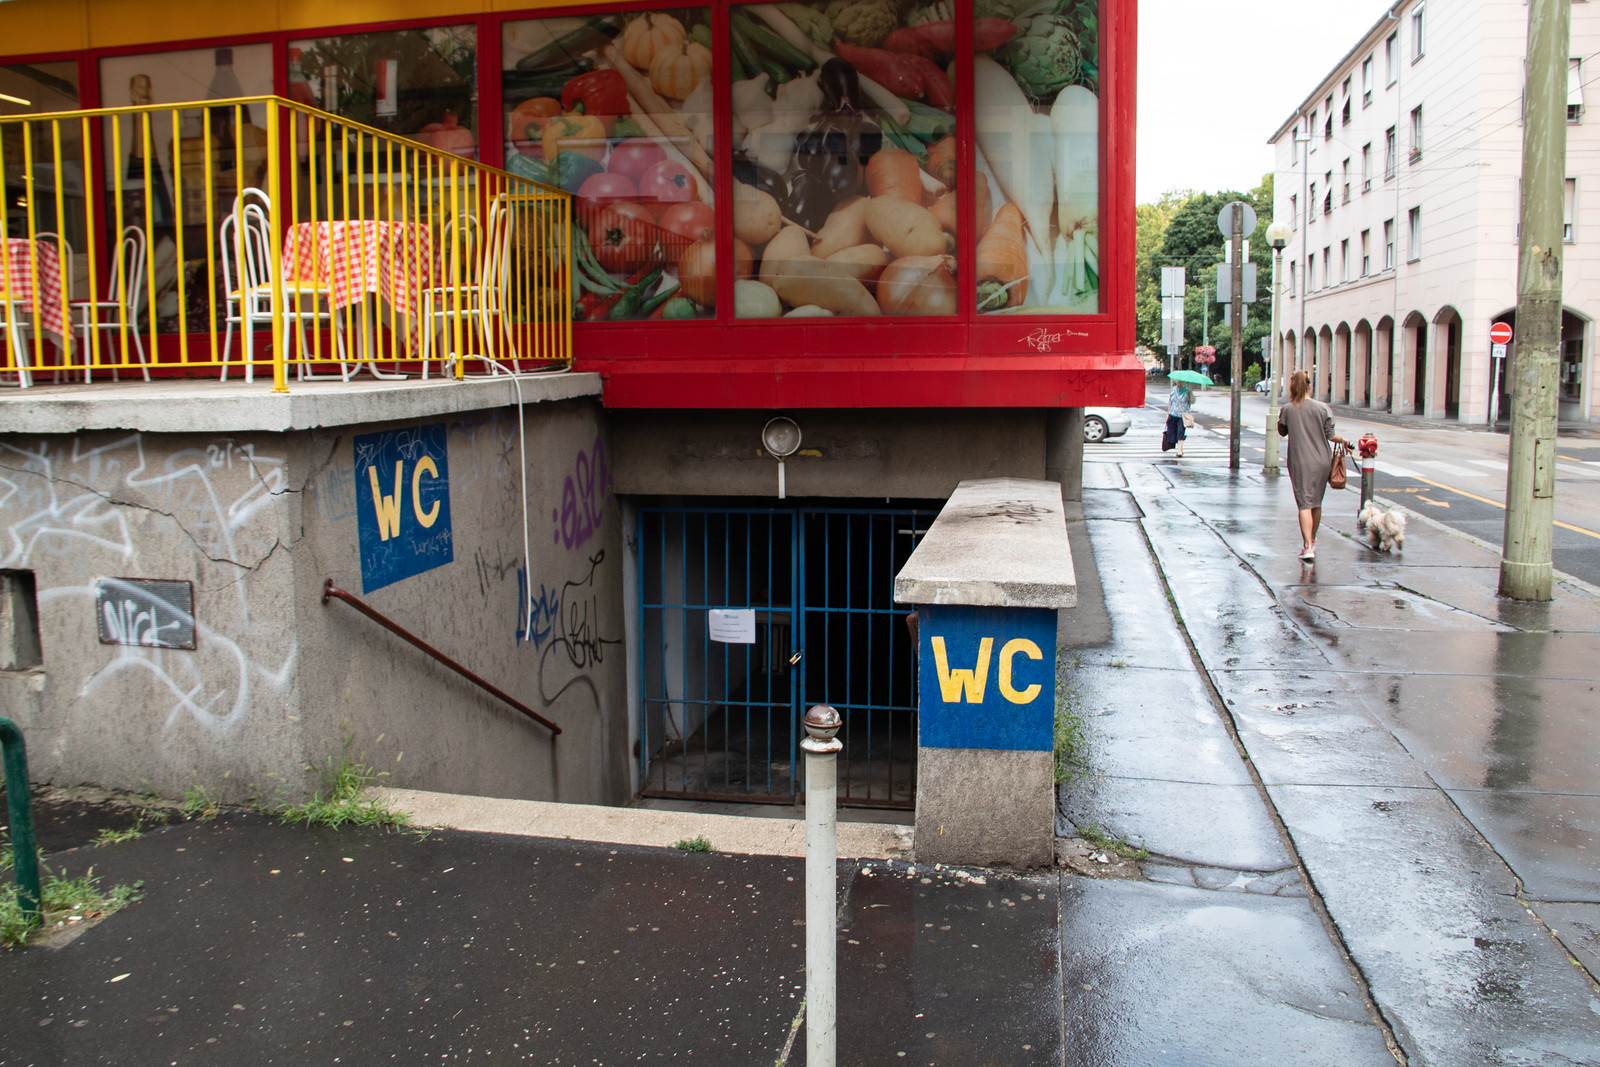 Egyetlen működő nyilvános vécé sincs a városban